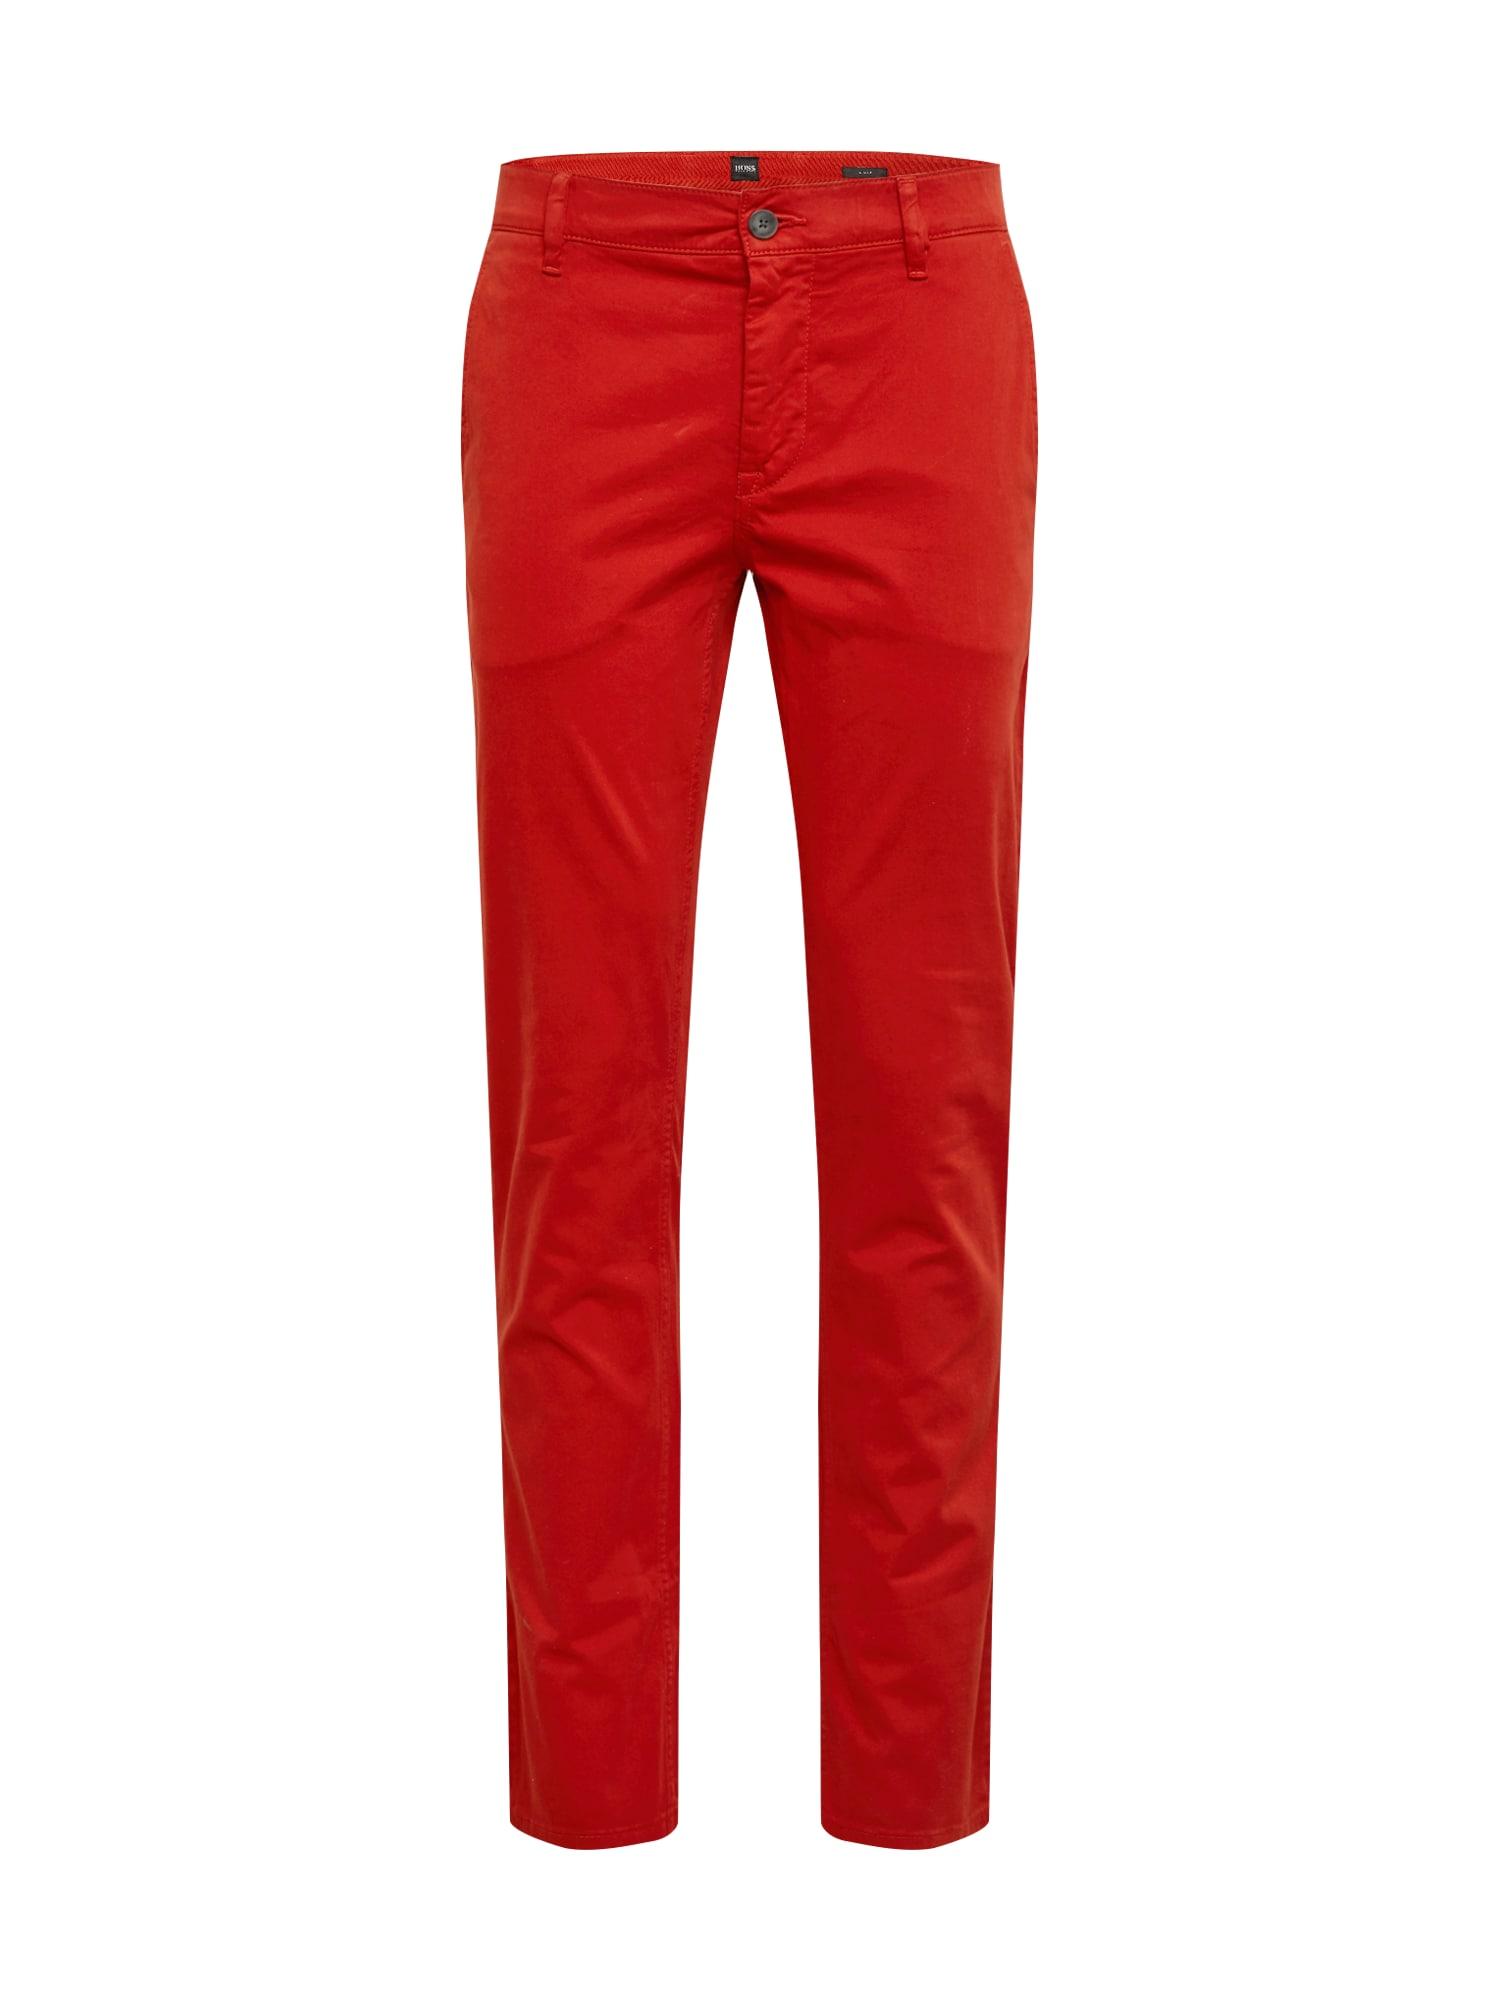 BOSS Chino stiliaus kelnės 'Schino' raudona